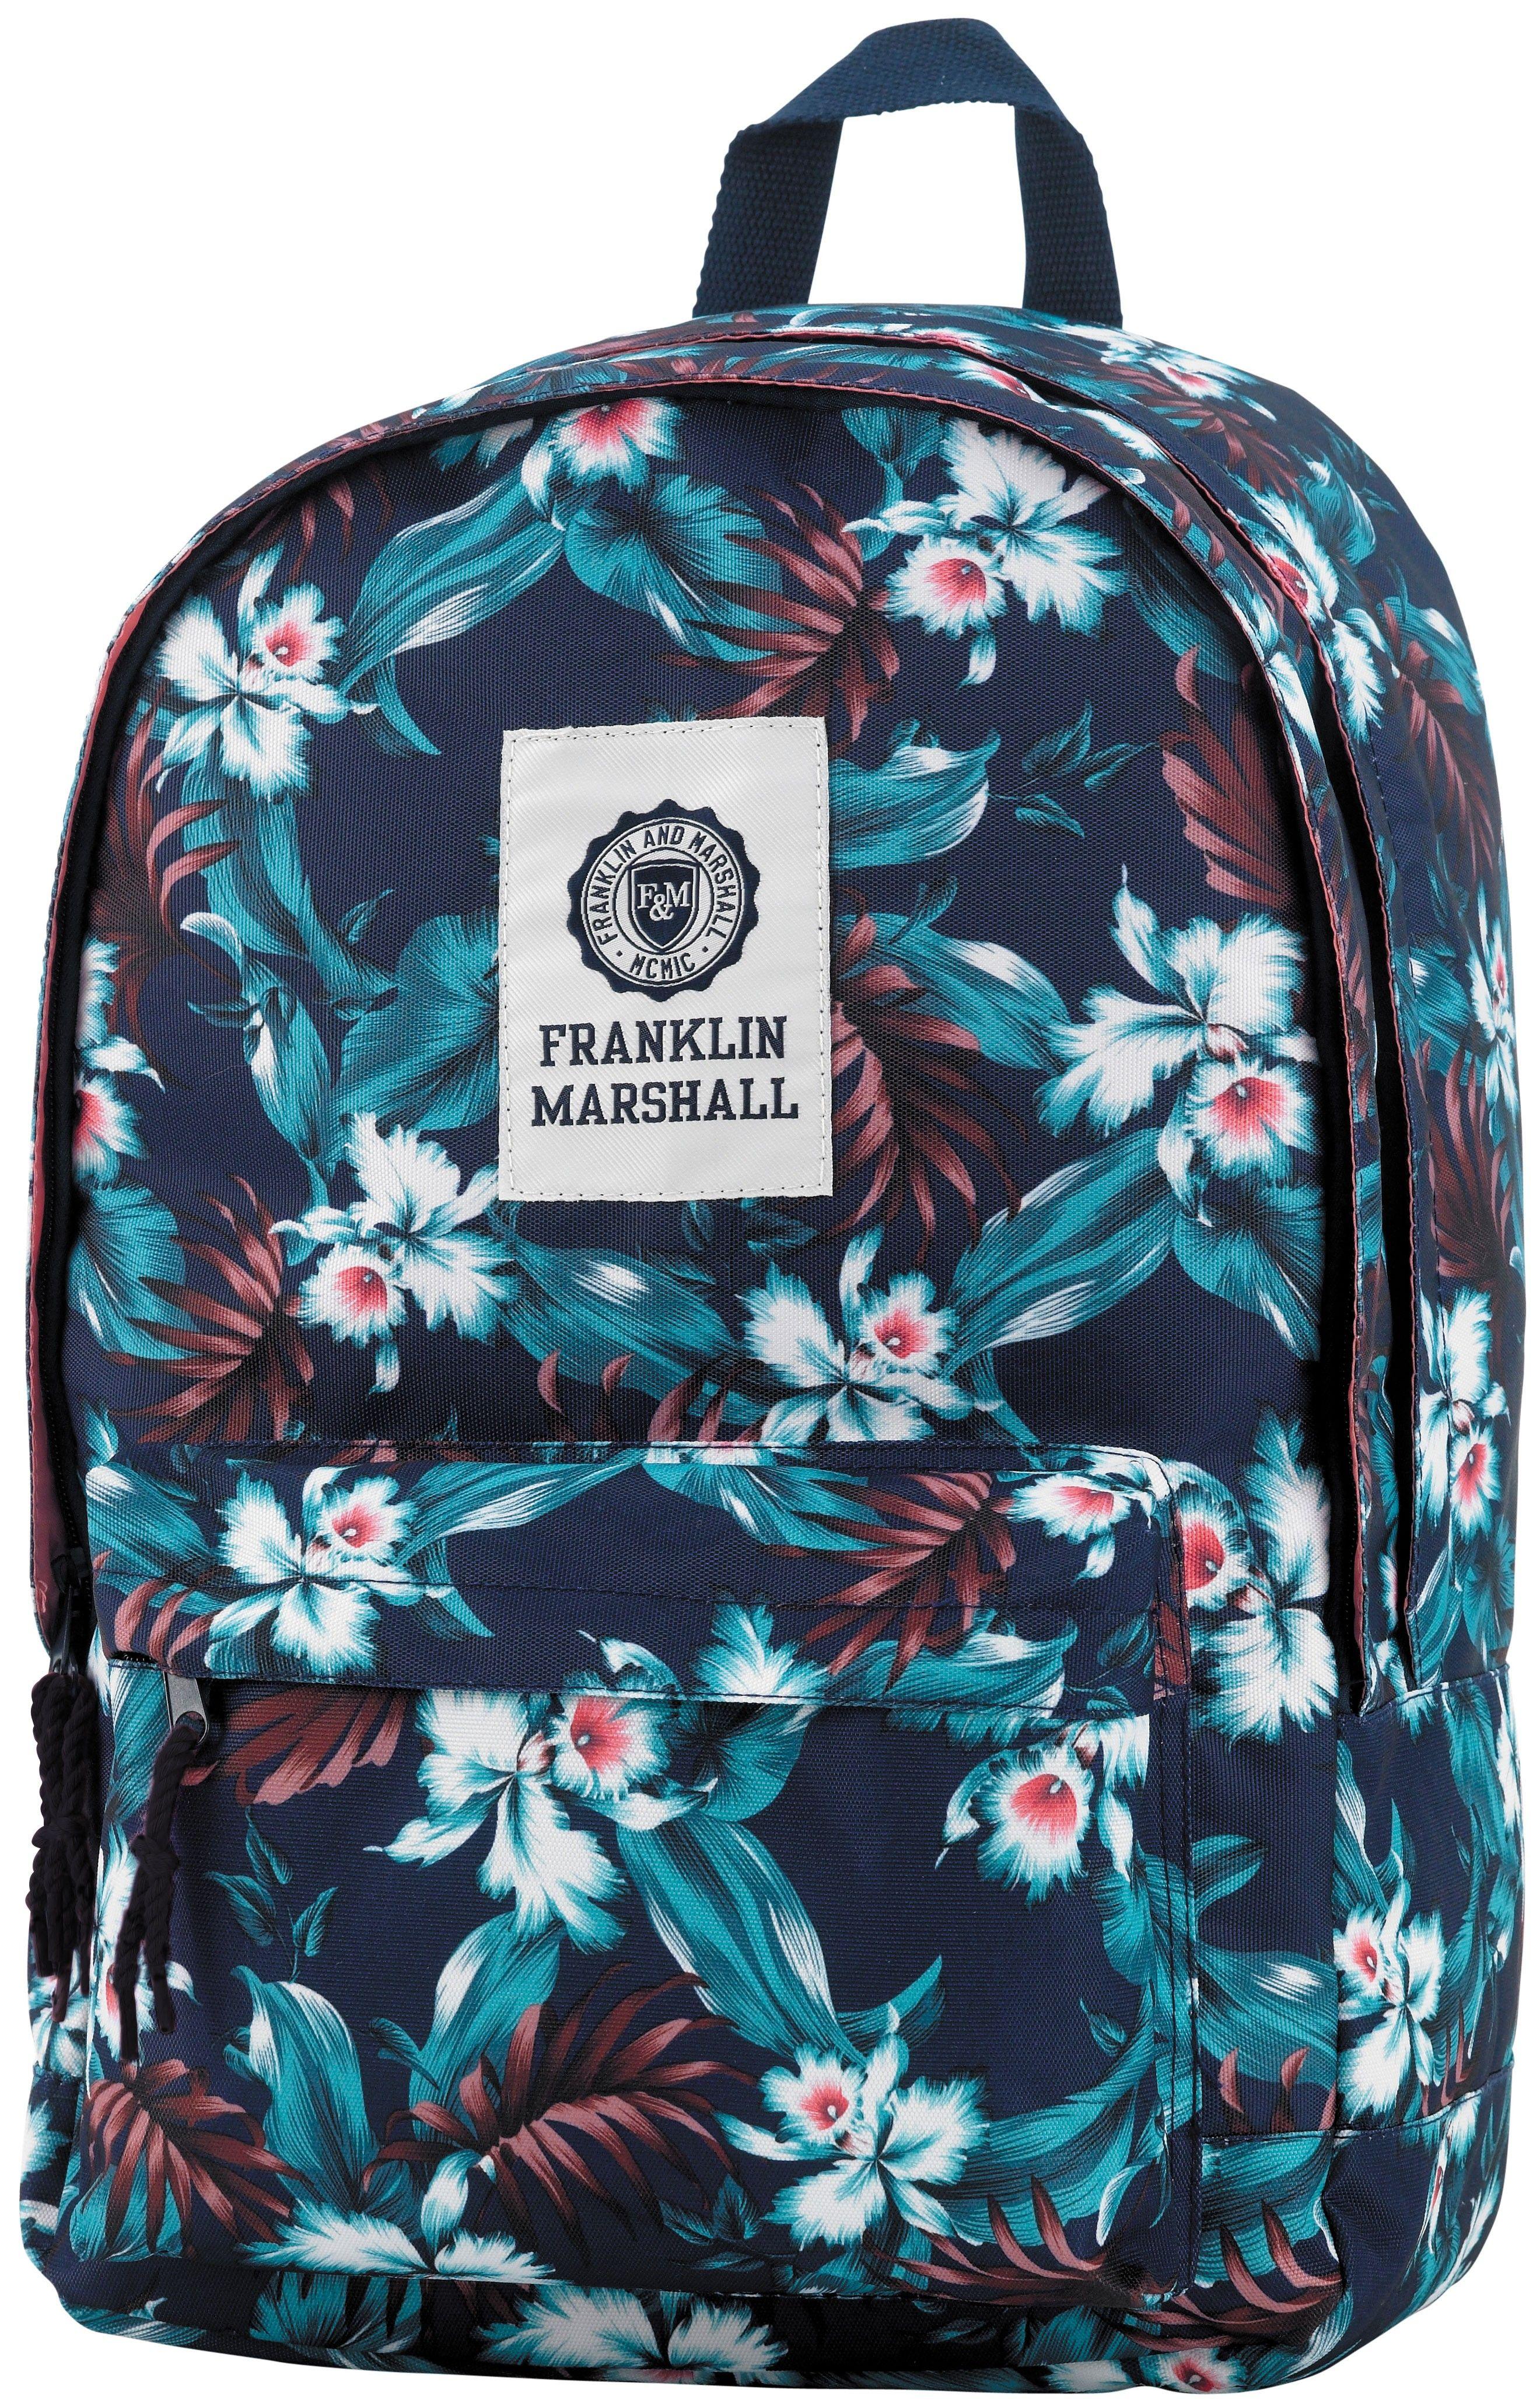 3d5c64f62a7 Neem al je speelgoed, schoolboeken en sportartikelen mee in deze nieuwe  rugzak van Franklin Marshall